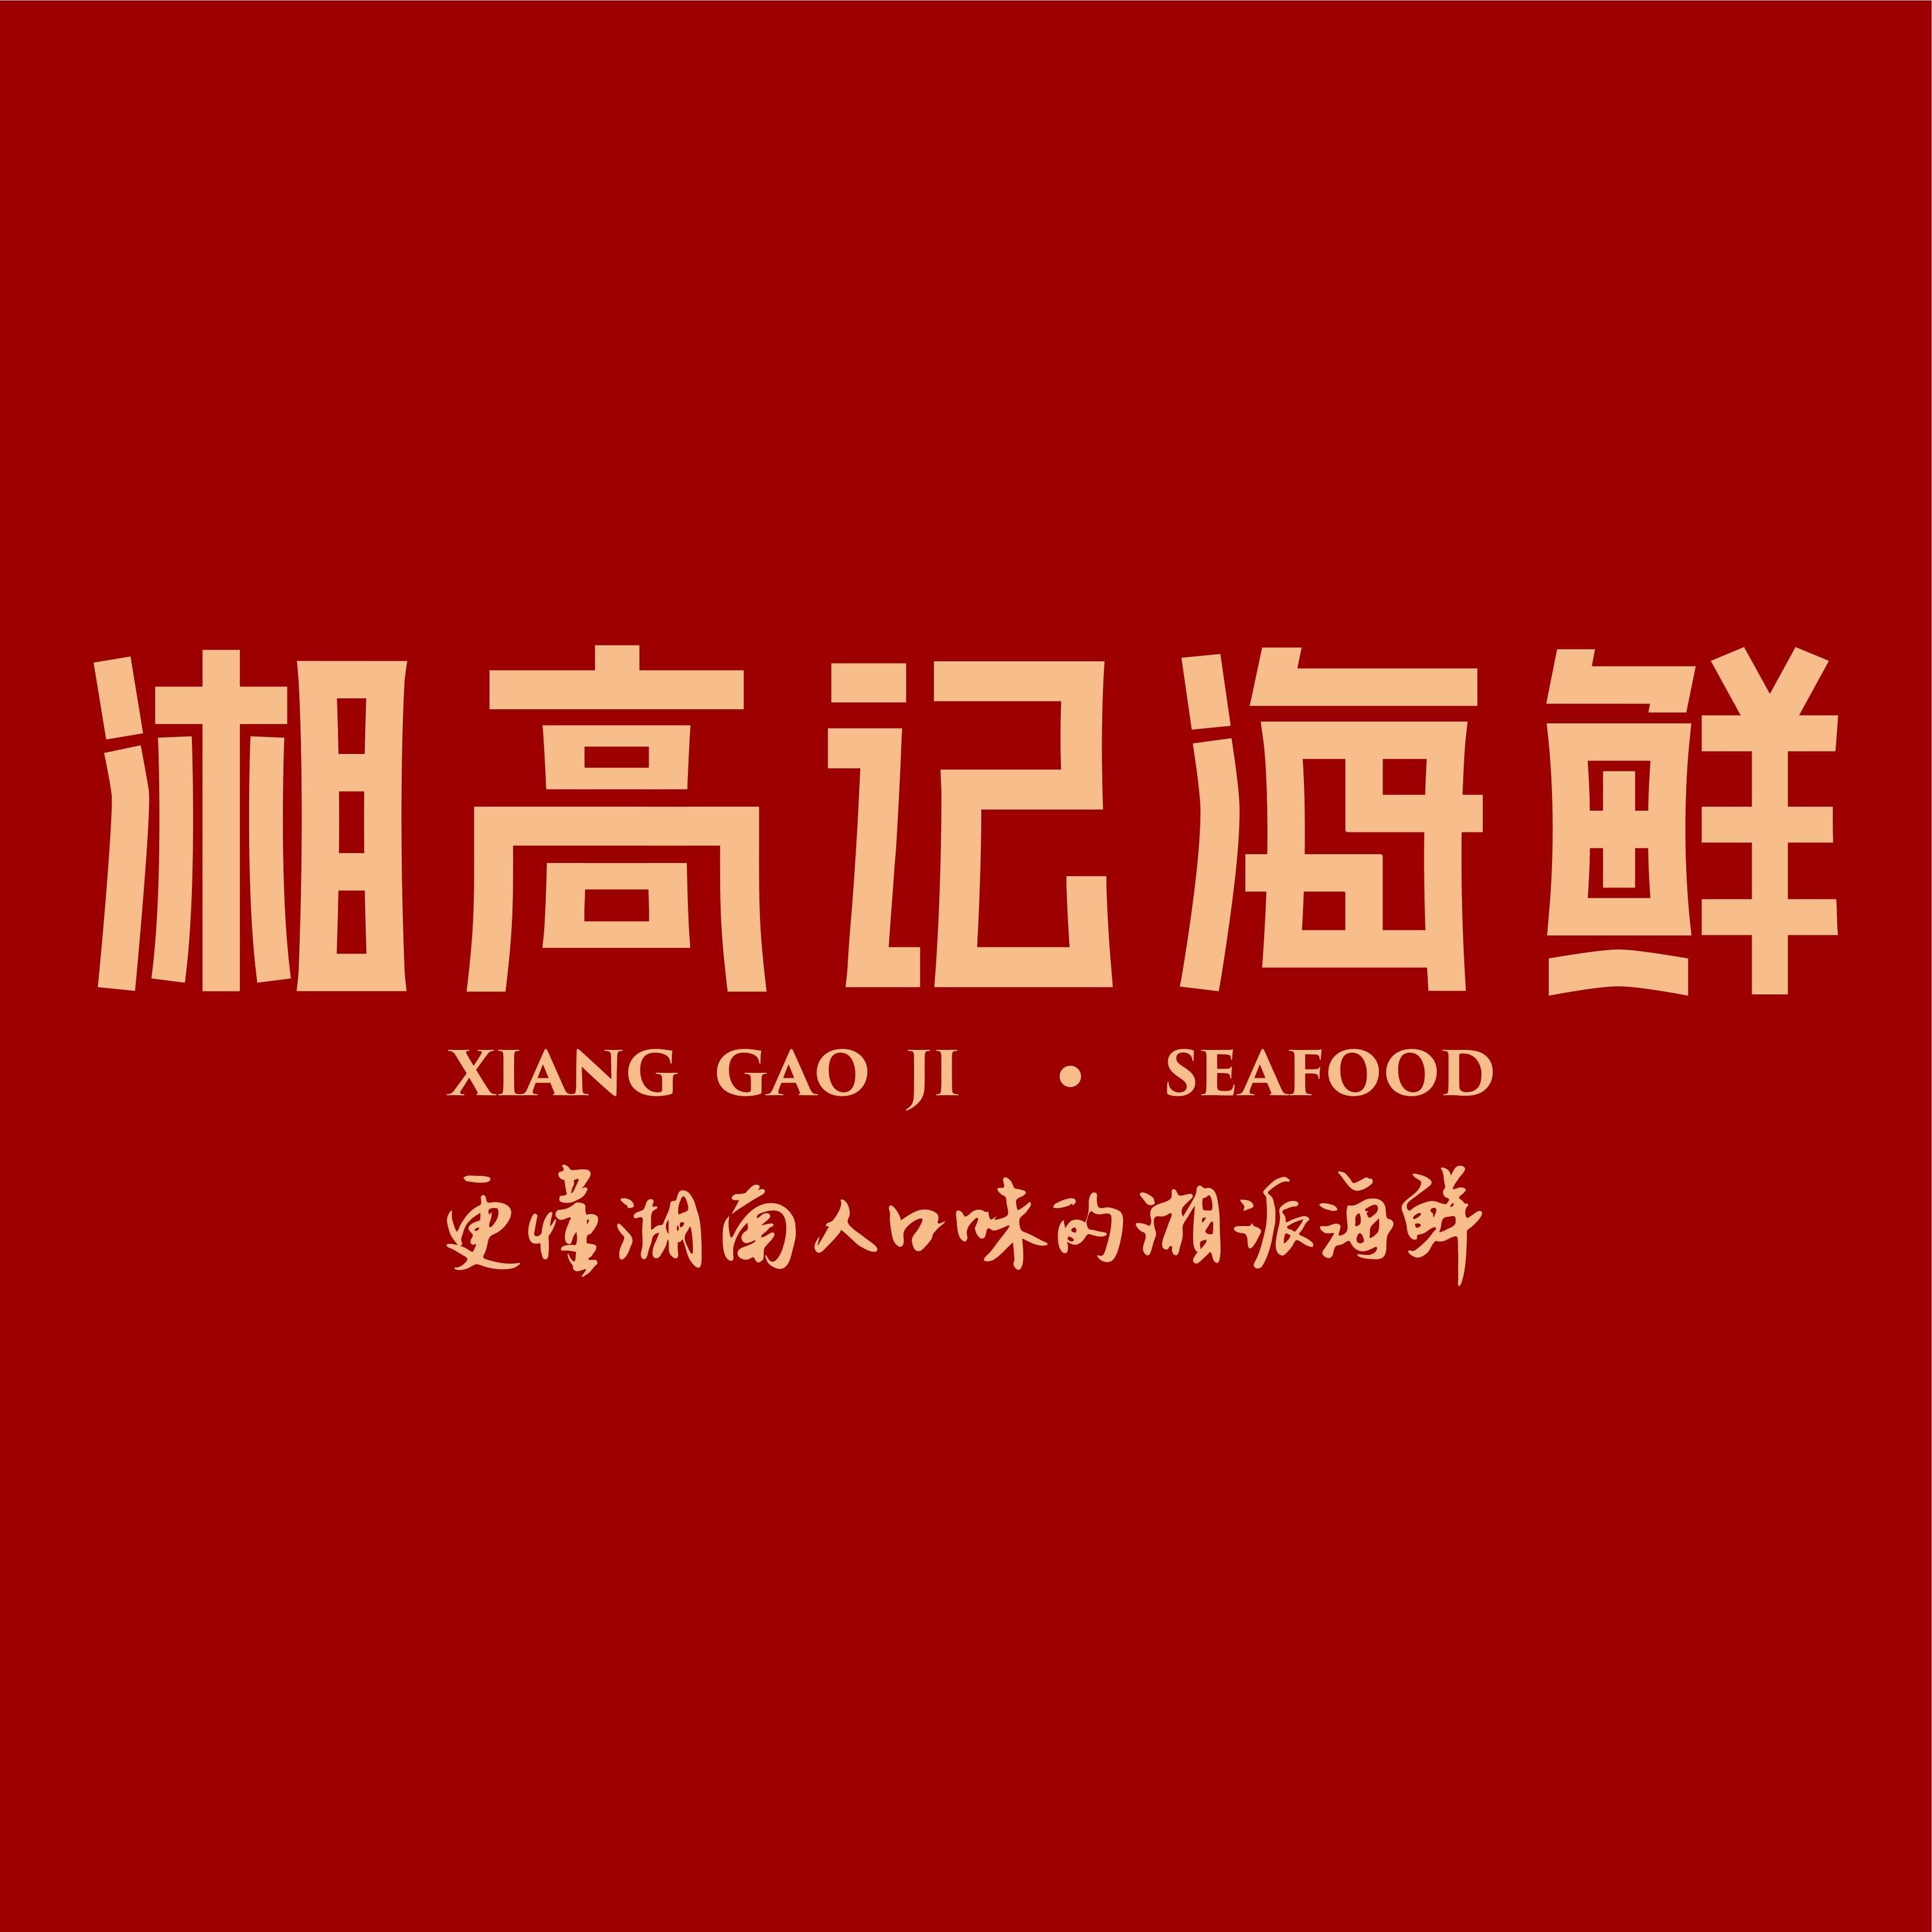 長沙湘高記海鮮餐飲管理有限公司